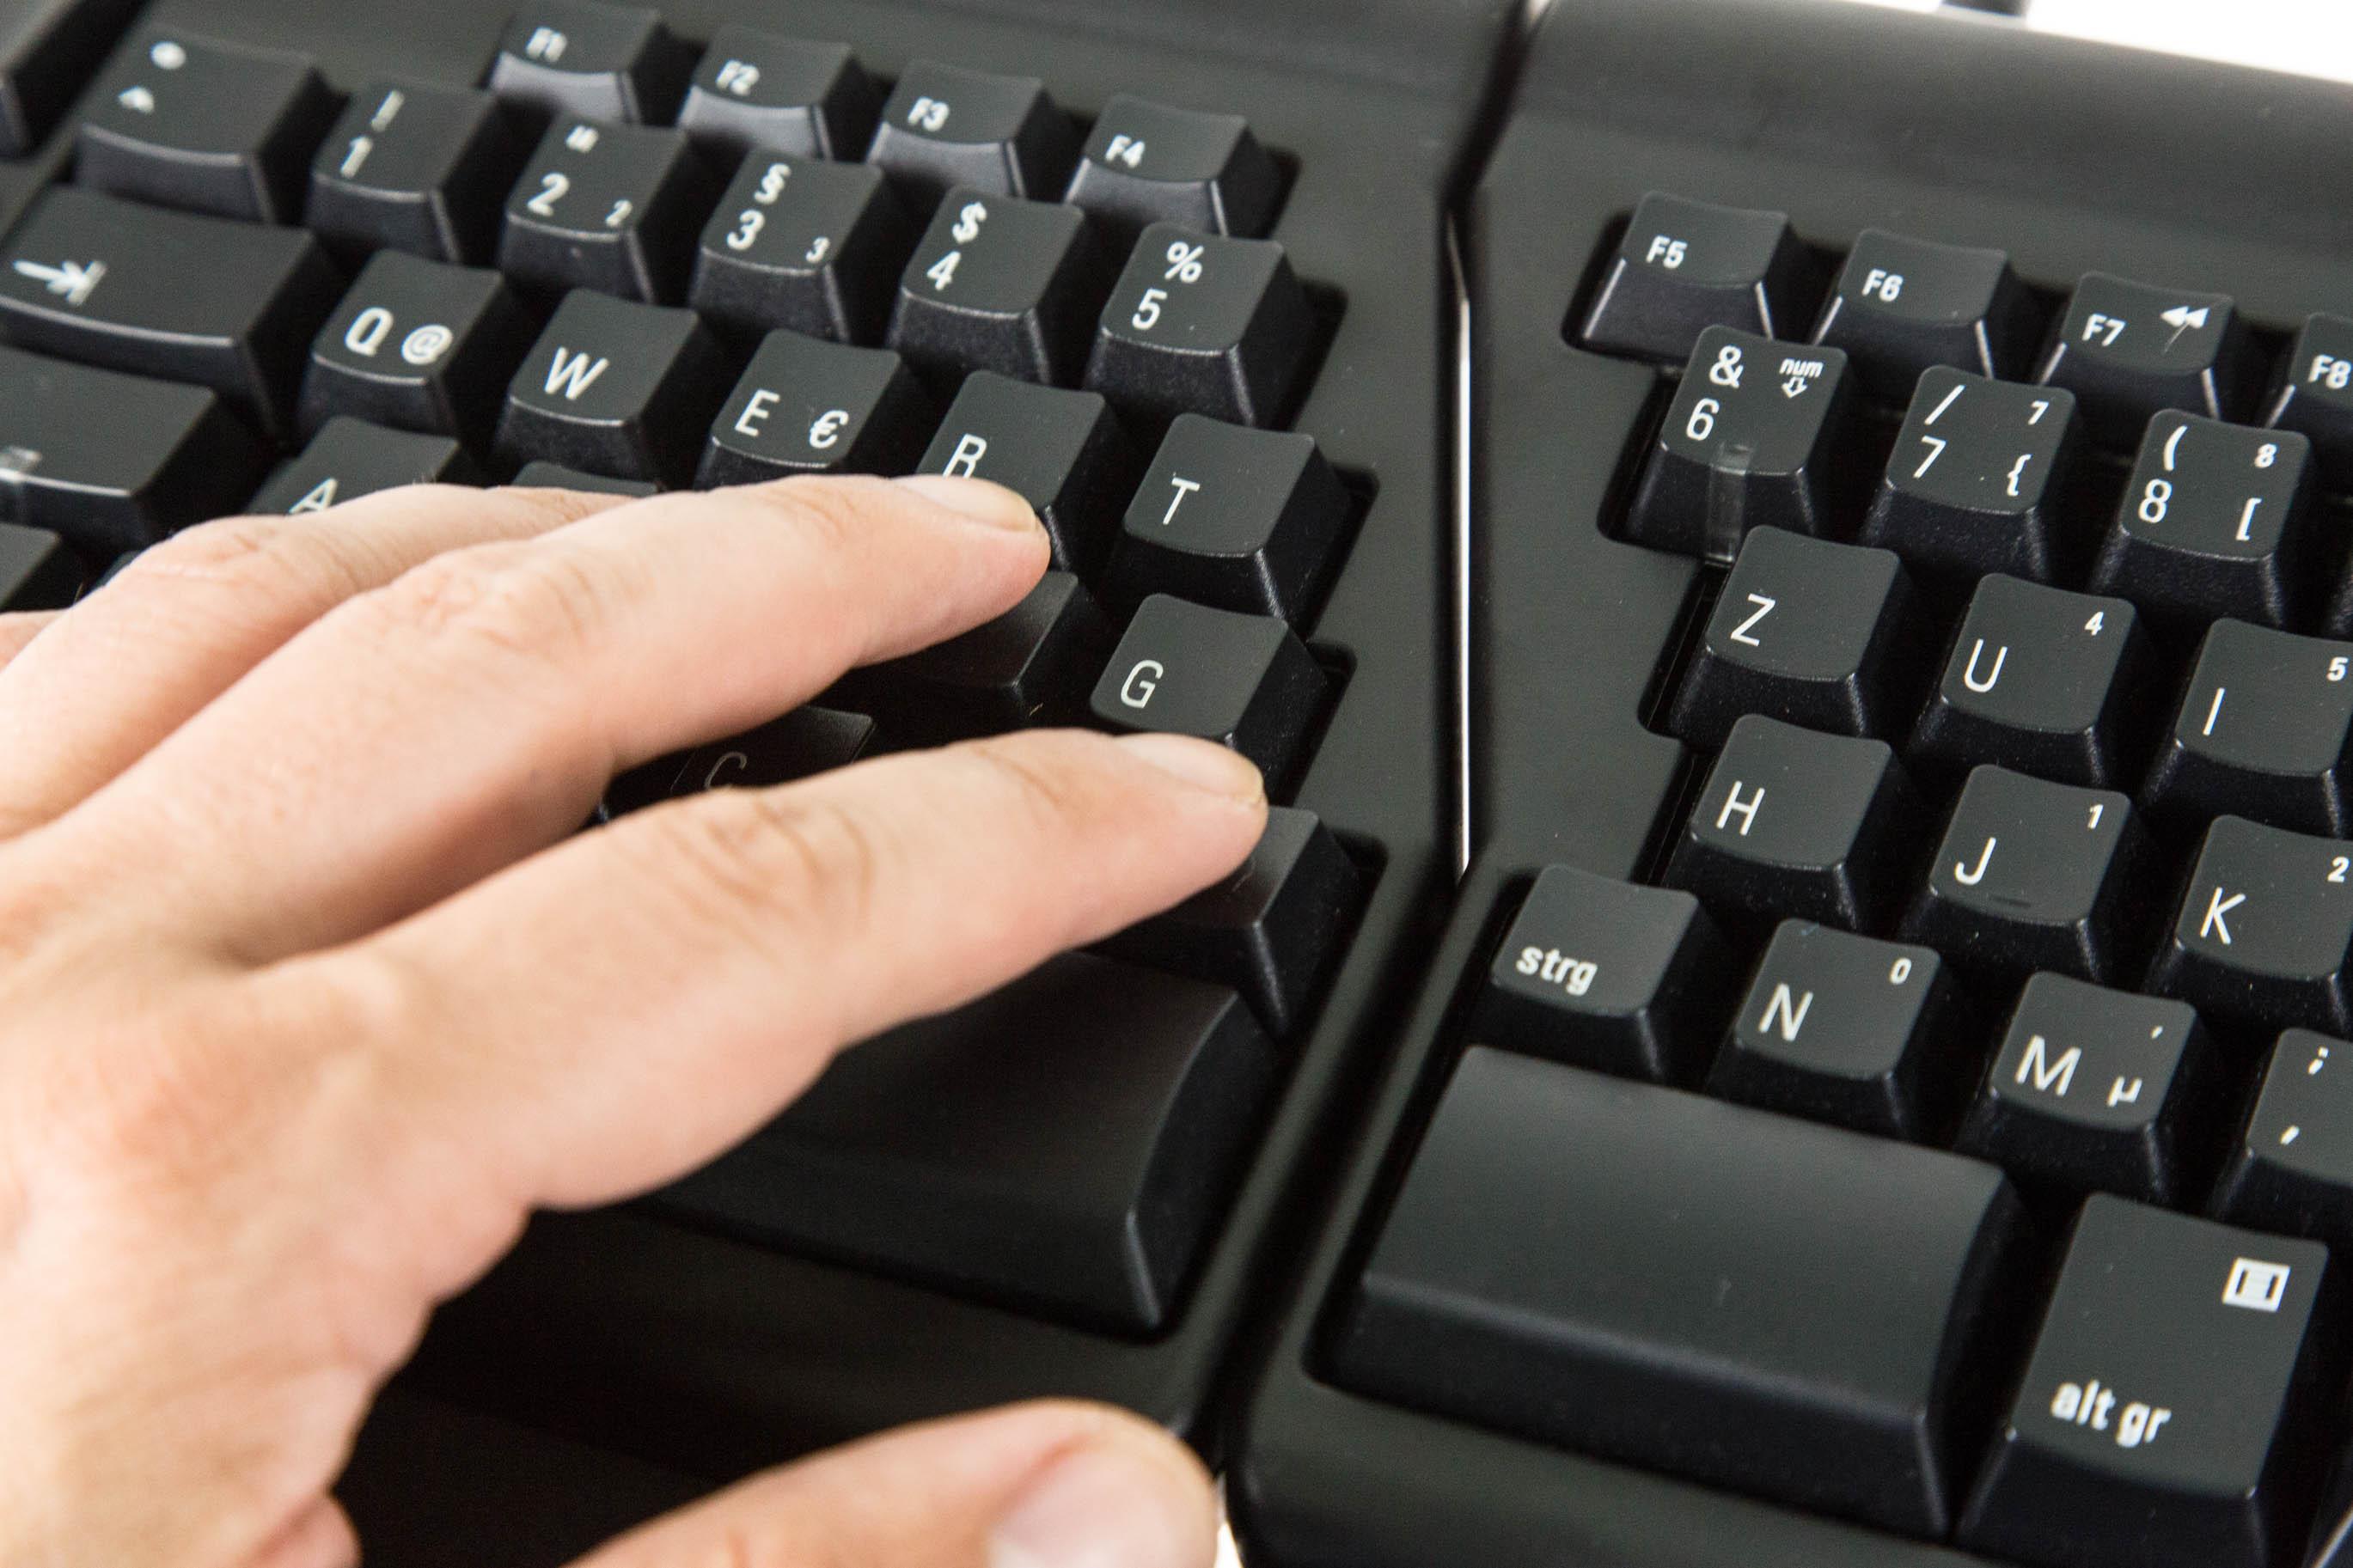 Matias Ergo Pro Keyboard im Test: Die Exzentrische unter den Tastaturen - Mit zusammengeschobenen Modulen wirkt die Ergo Pro fast wie eine normale Tastatur. (Bild: Martin Wolf/Golem.de)